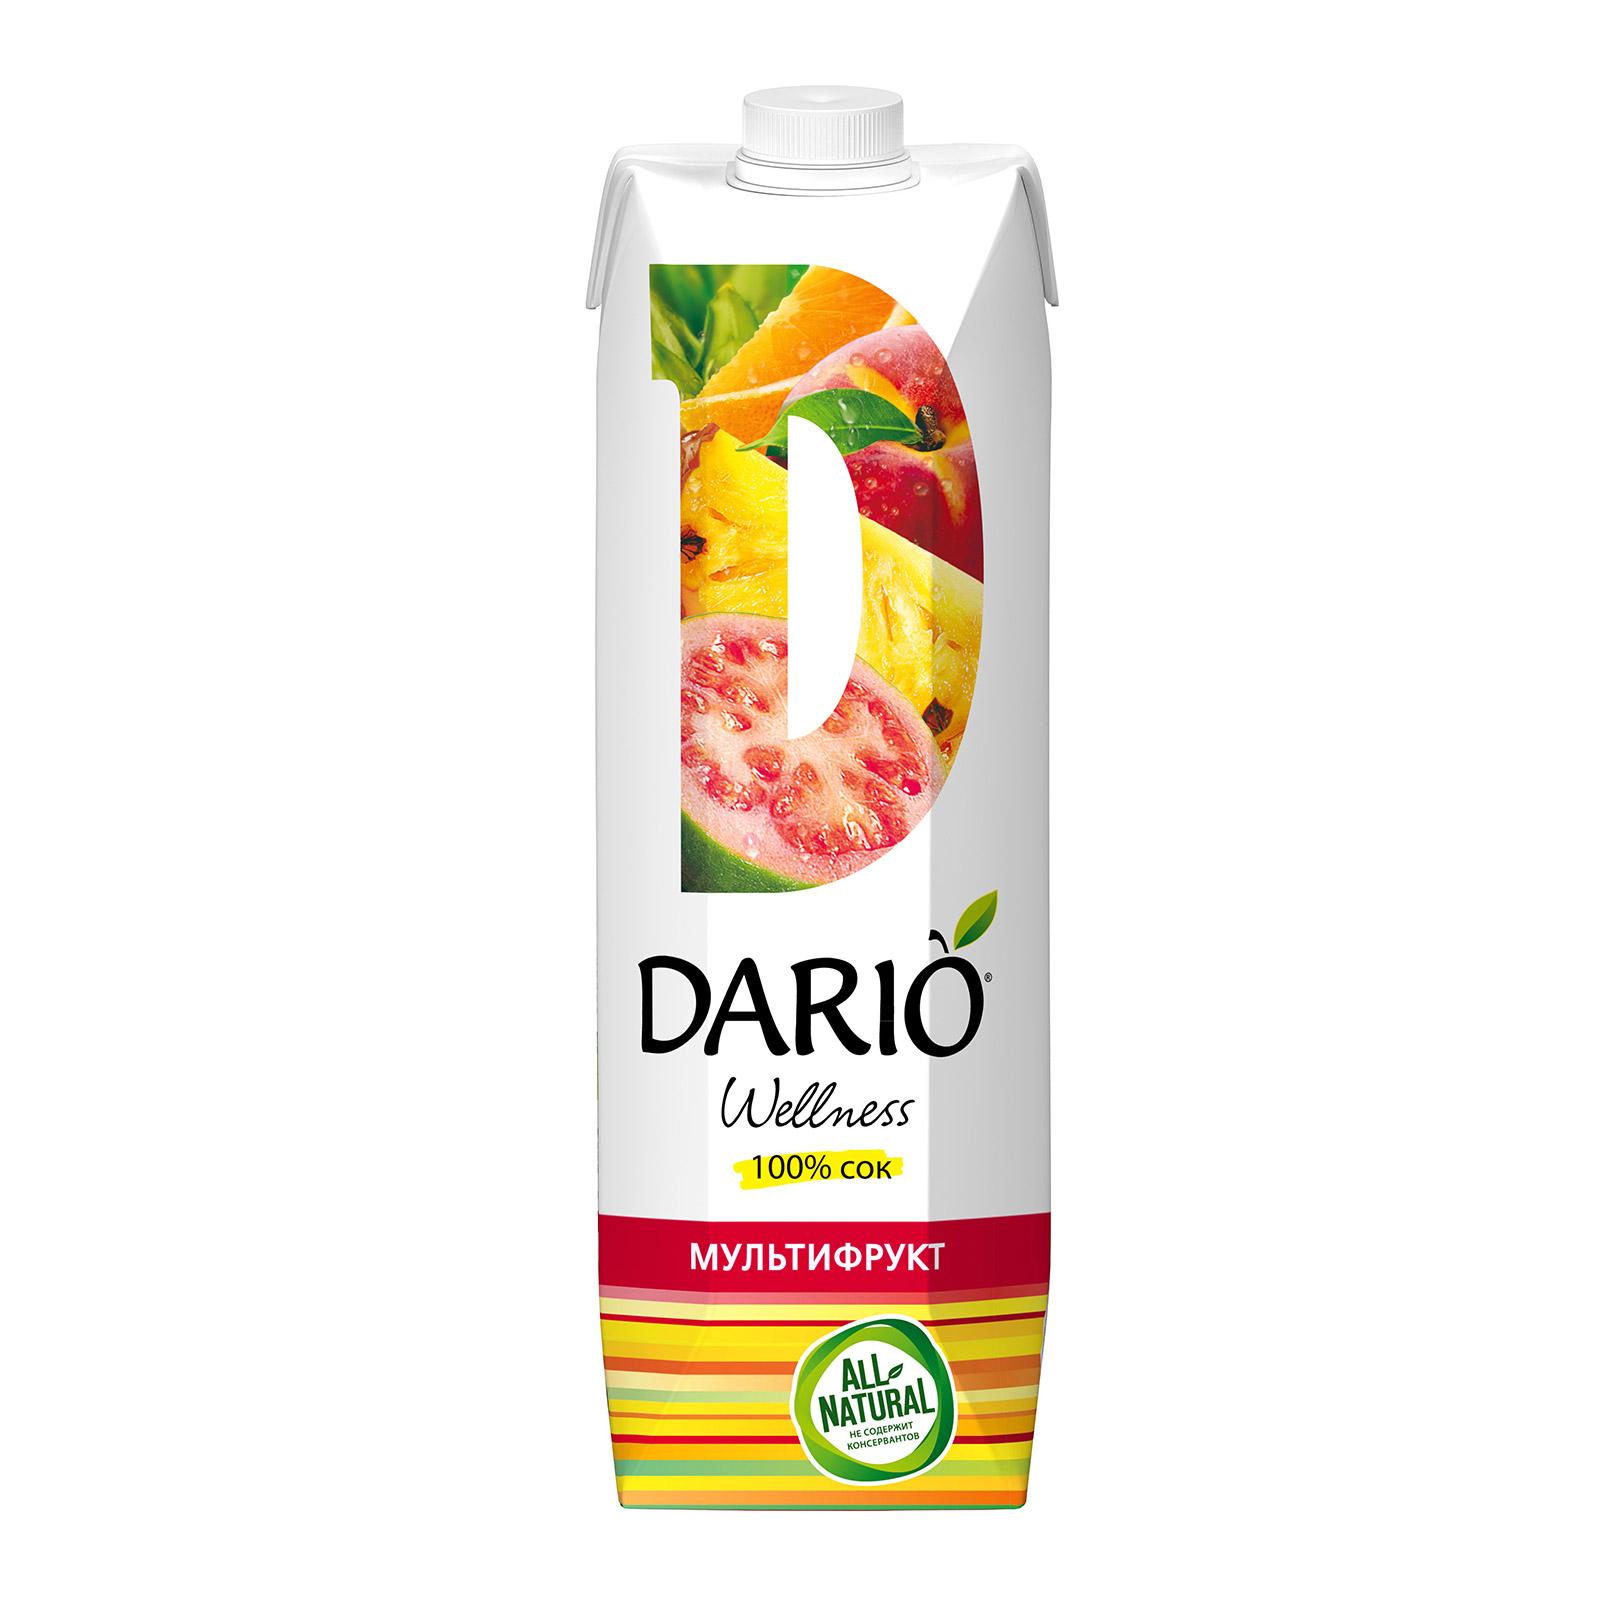 Нектар Dario Wellness Мультифруктовый 1 л недорого